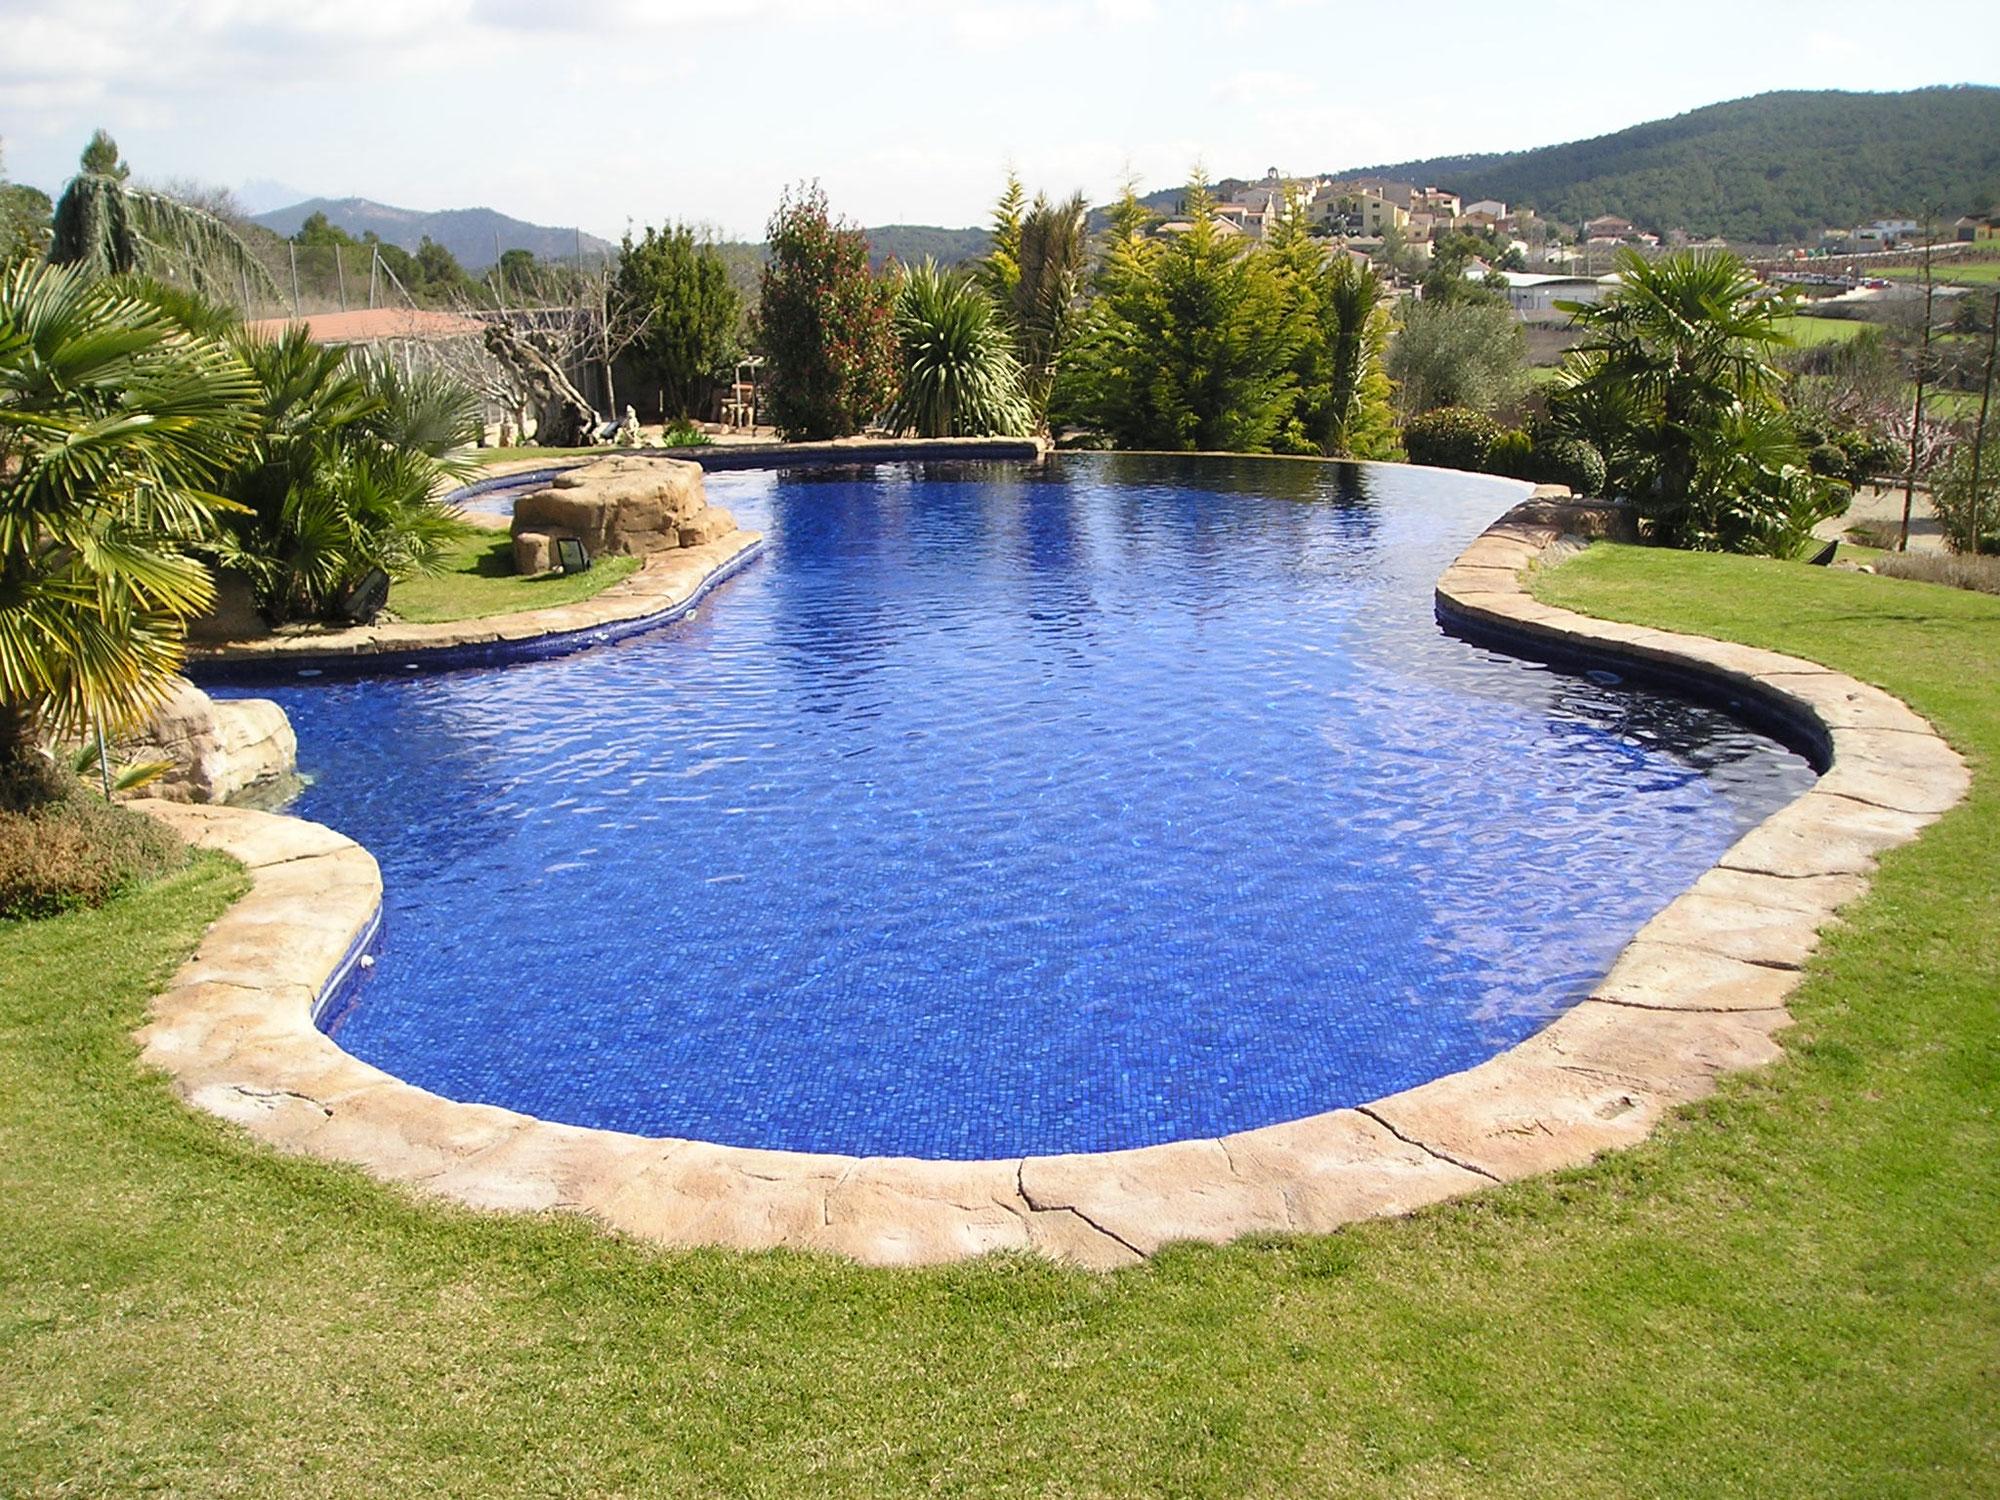 Piscinas de dise o barcelona piscinas unic construcci n de piscinas en barcelona - Construccion piscinas barcelona ...